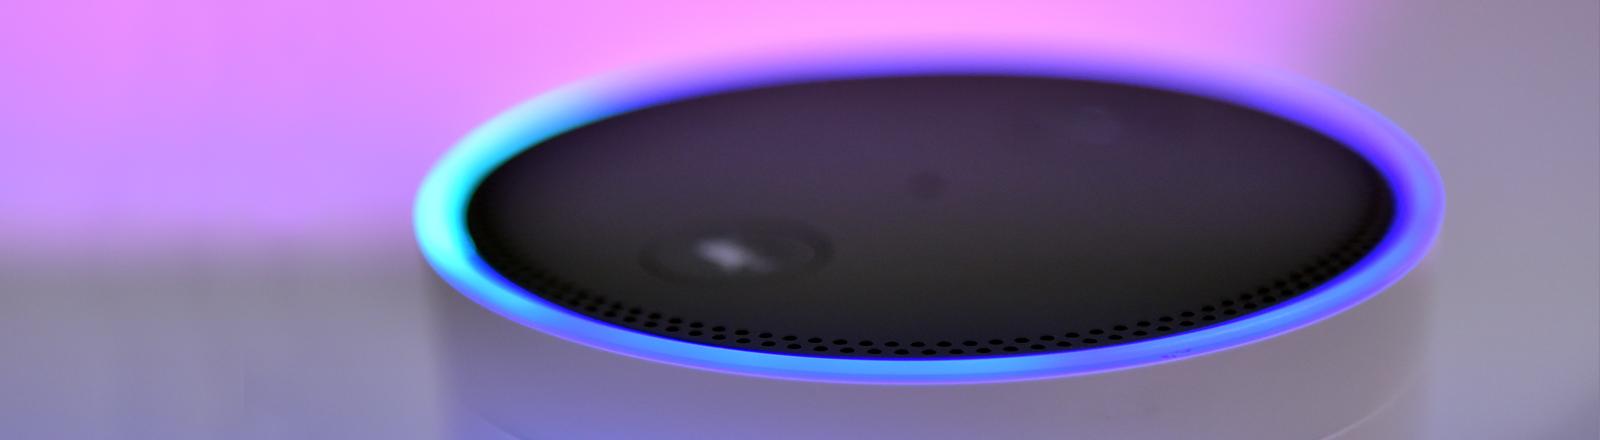 Amazons Alexa vor farbigem Lichthintergrund